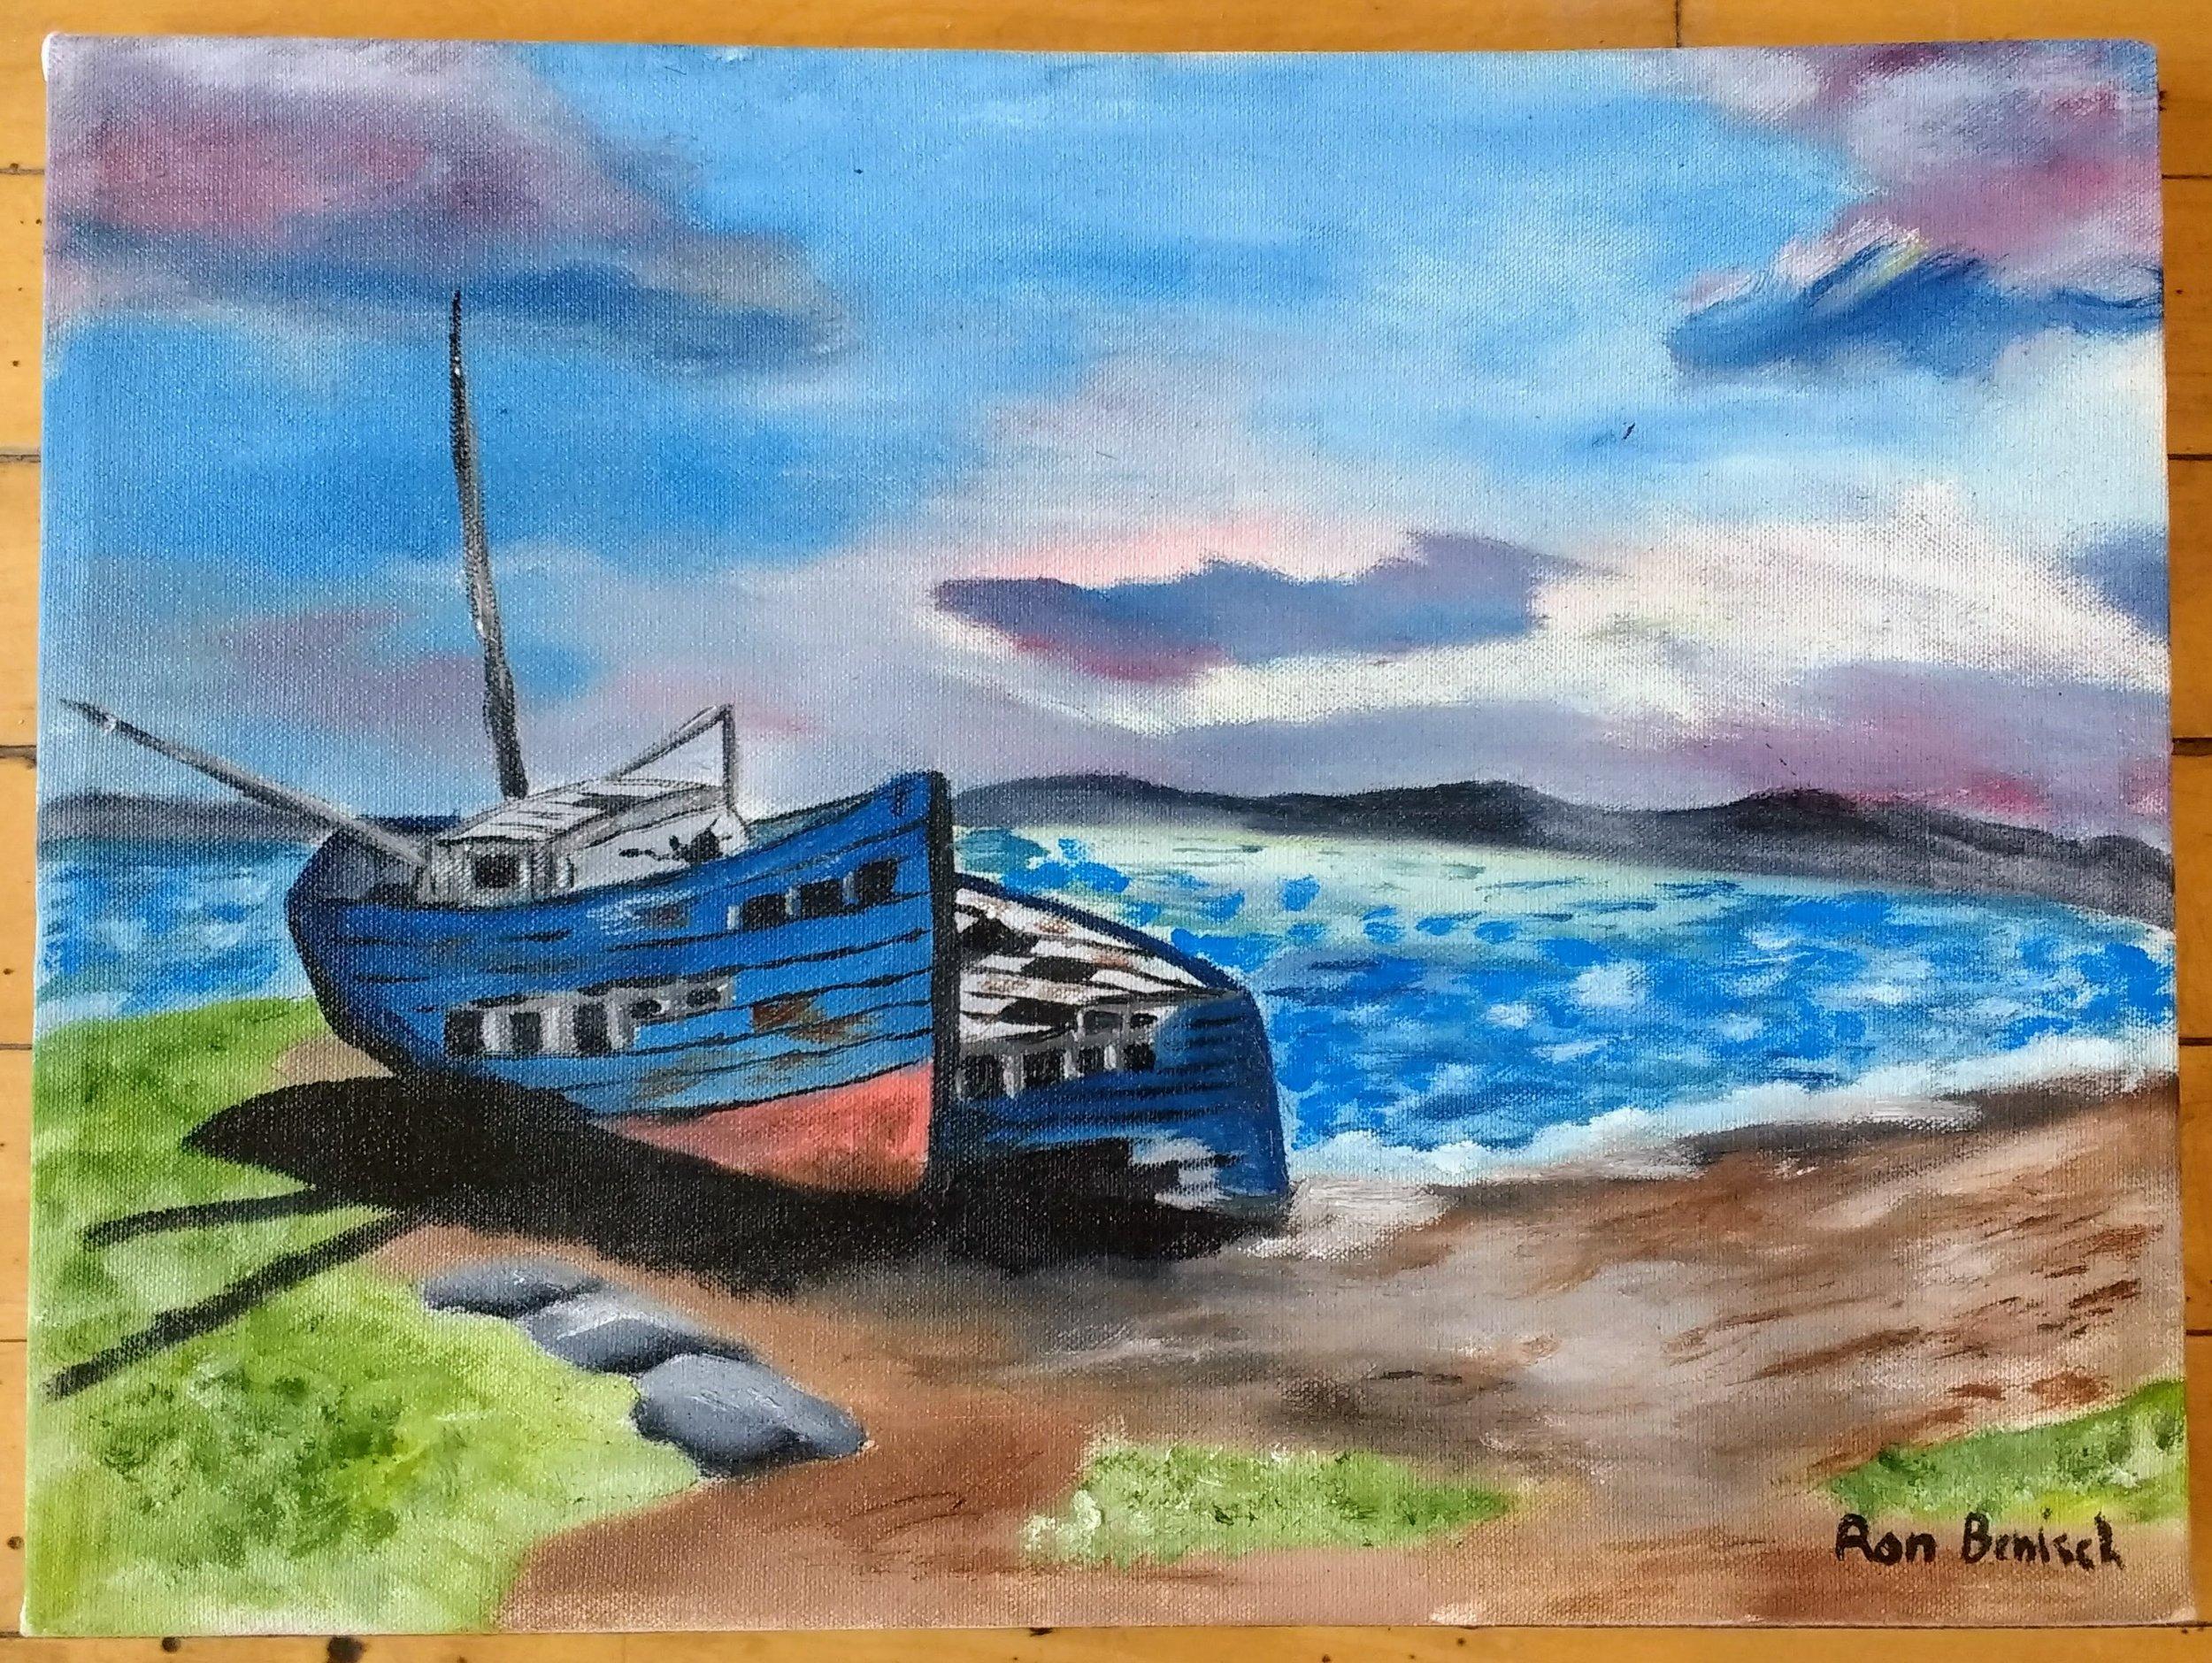 RonBenischboat.jpg